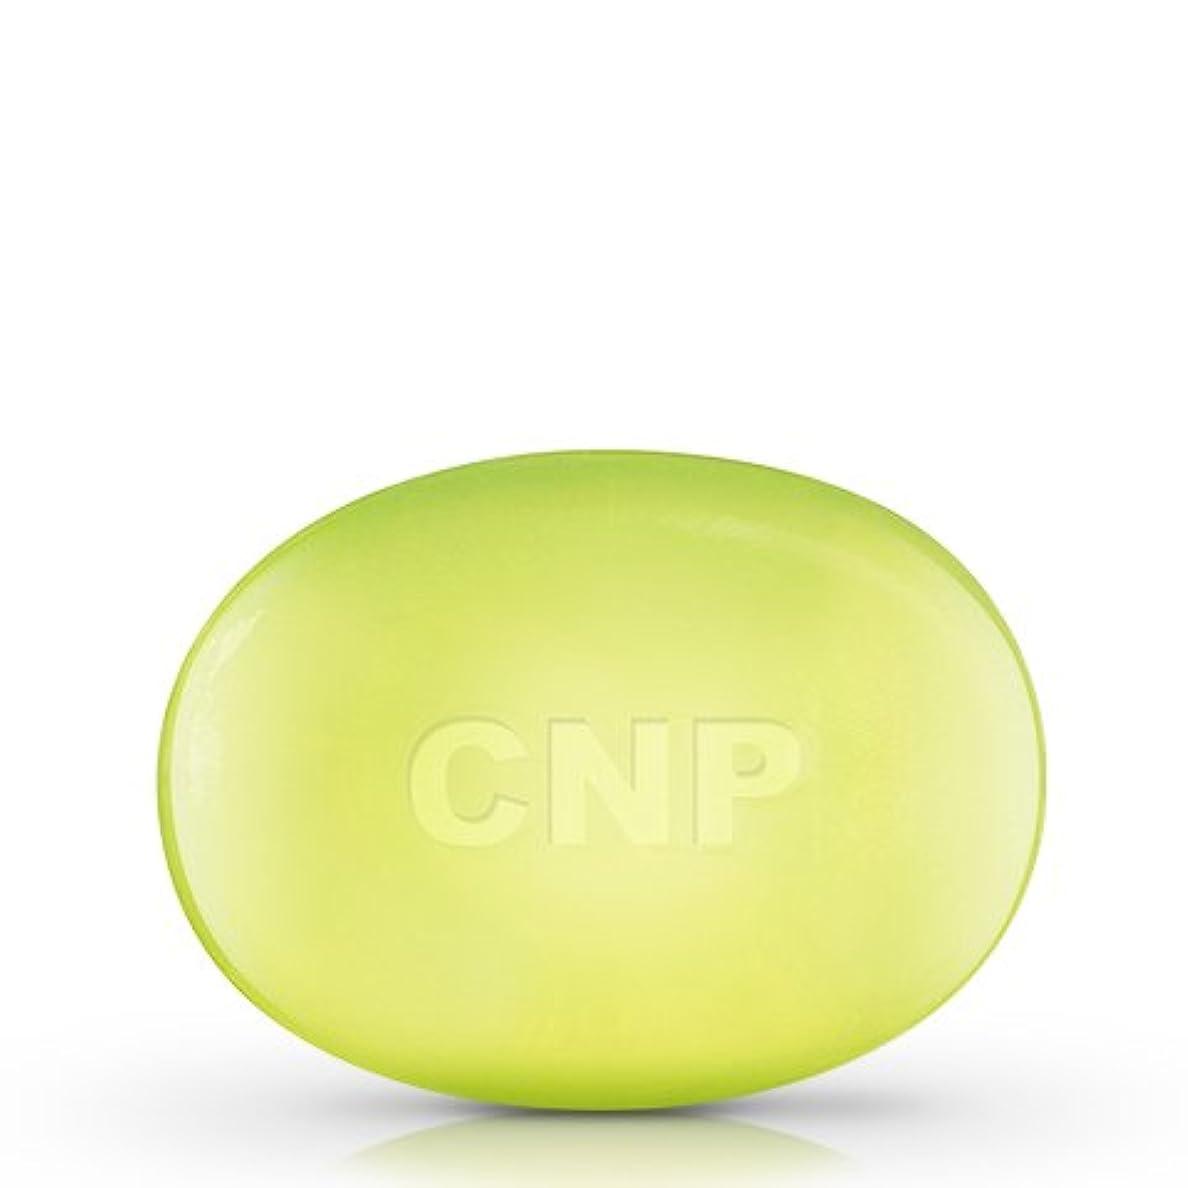 ダイヤルお互いモザイクCNP Laboratory 石鹸A/Soap A 100g [並行輸入品]